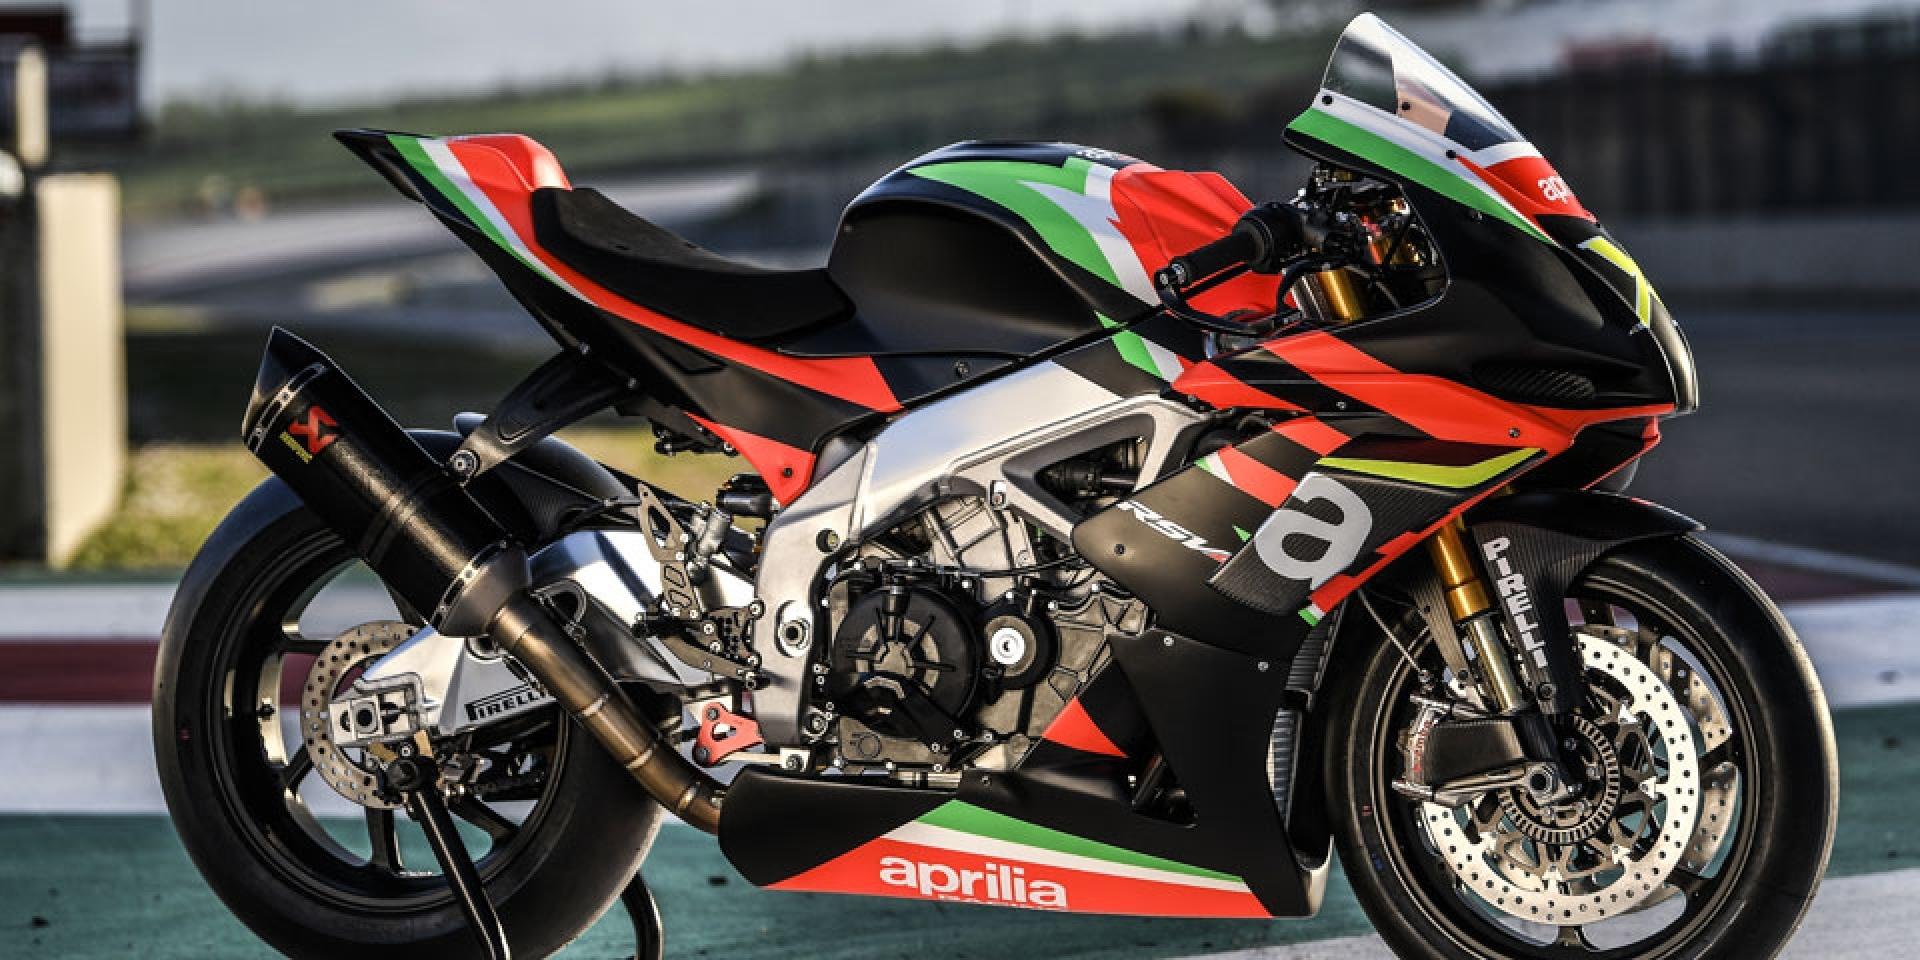 十週年超狂紀念限定版!225匹MotoGP塗裝APRILIA RSV4 X登場!